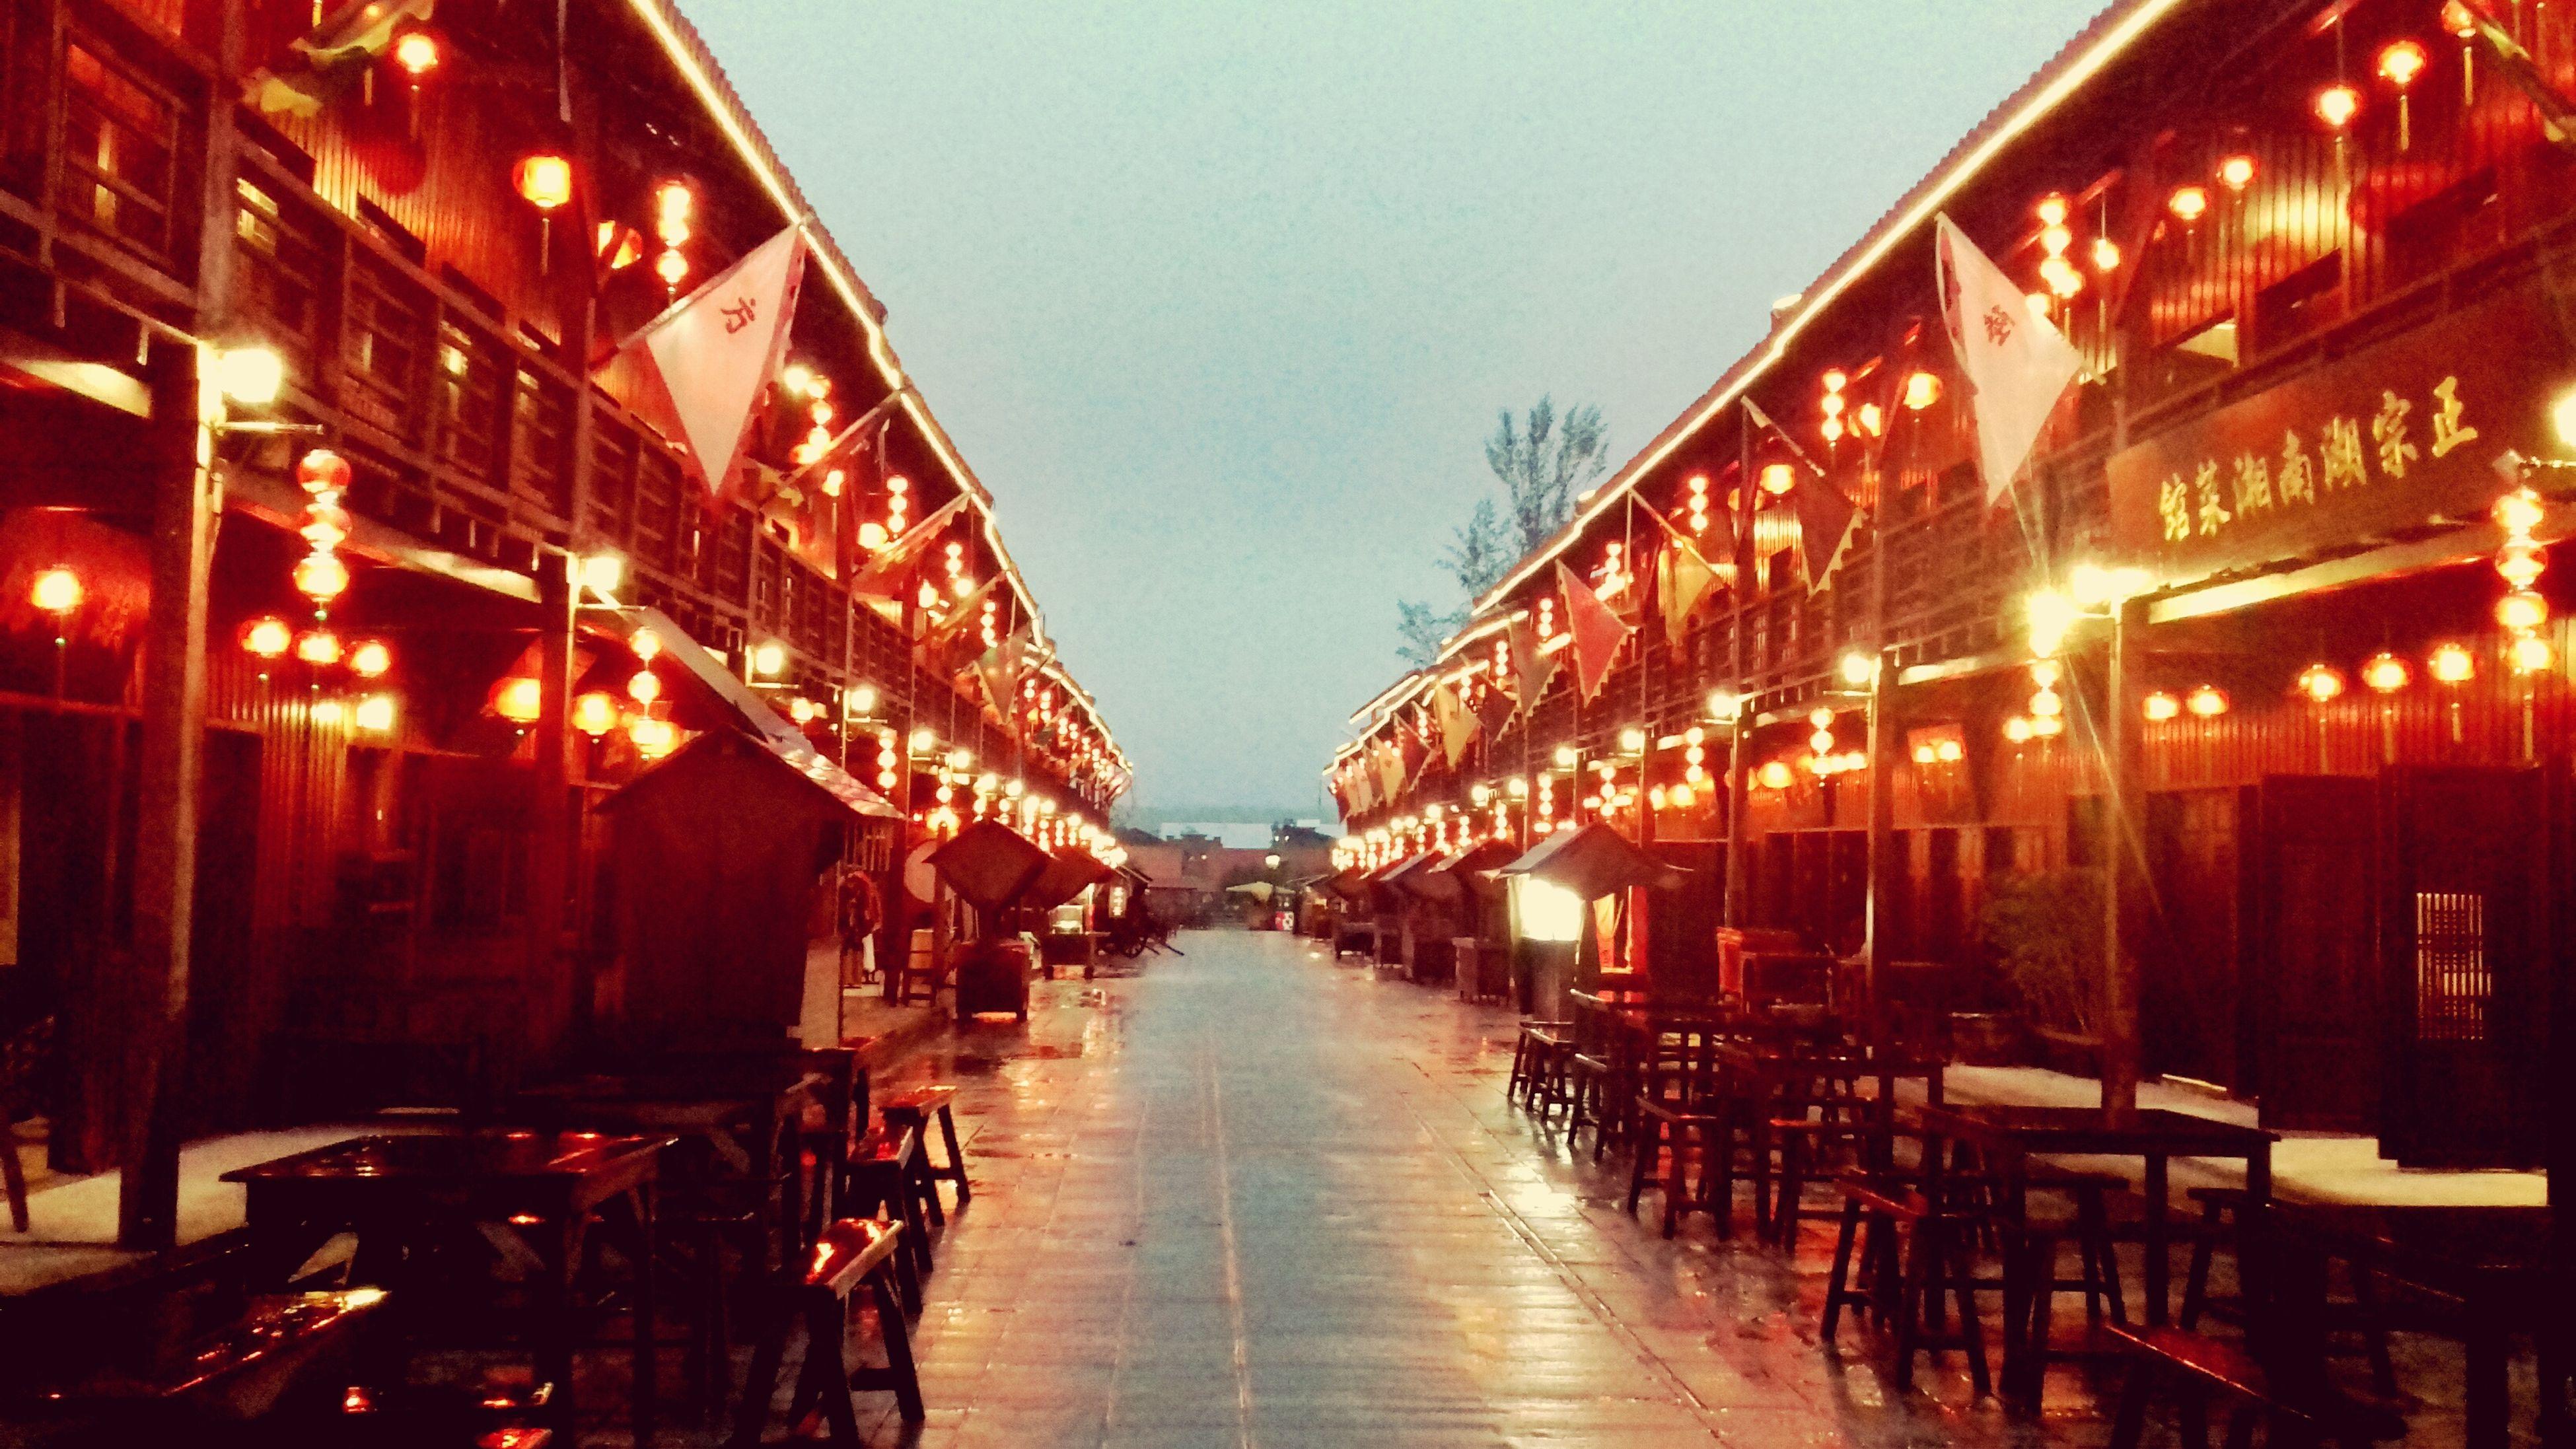 中国街 Chinese Street Travel Thailand